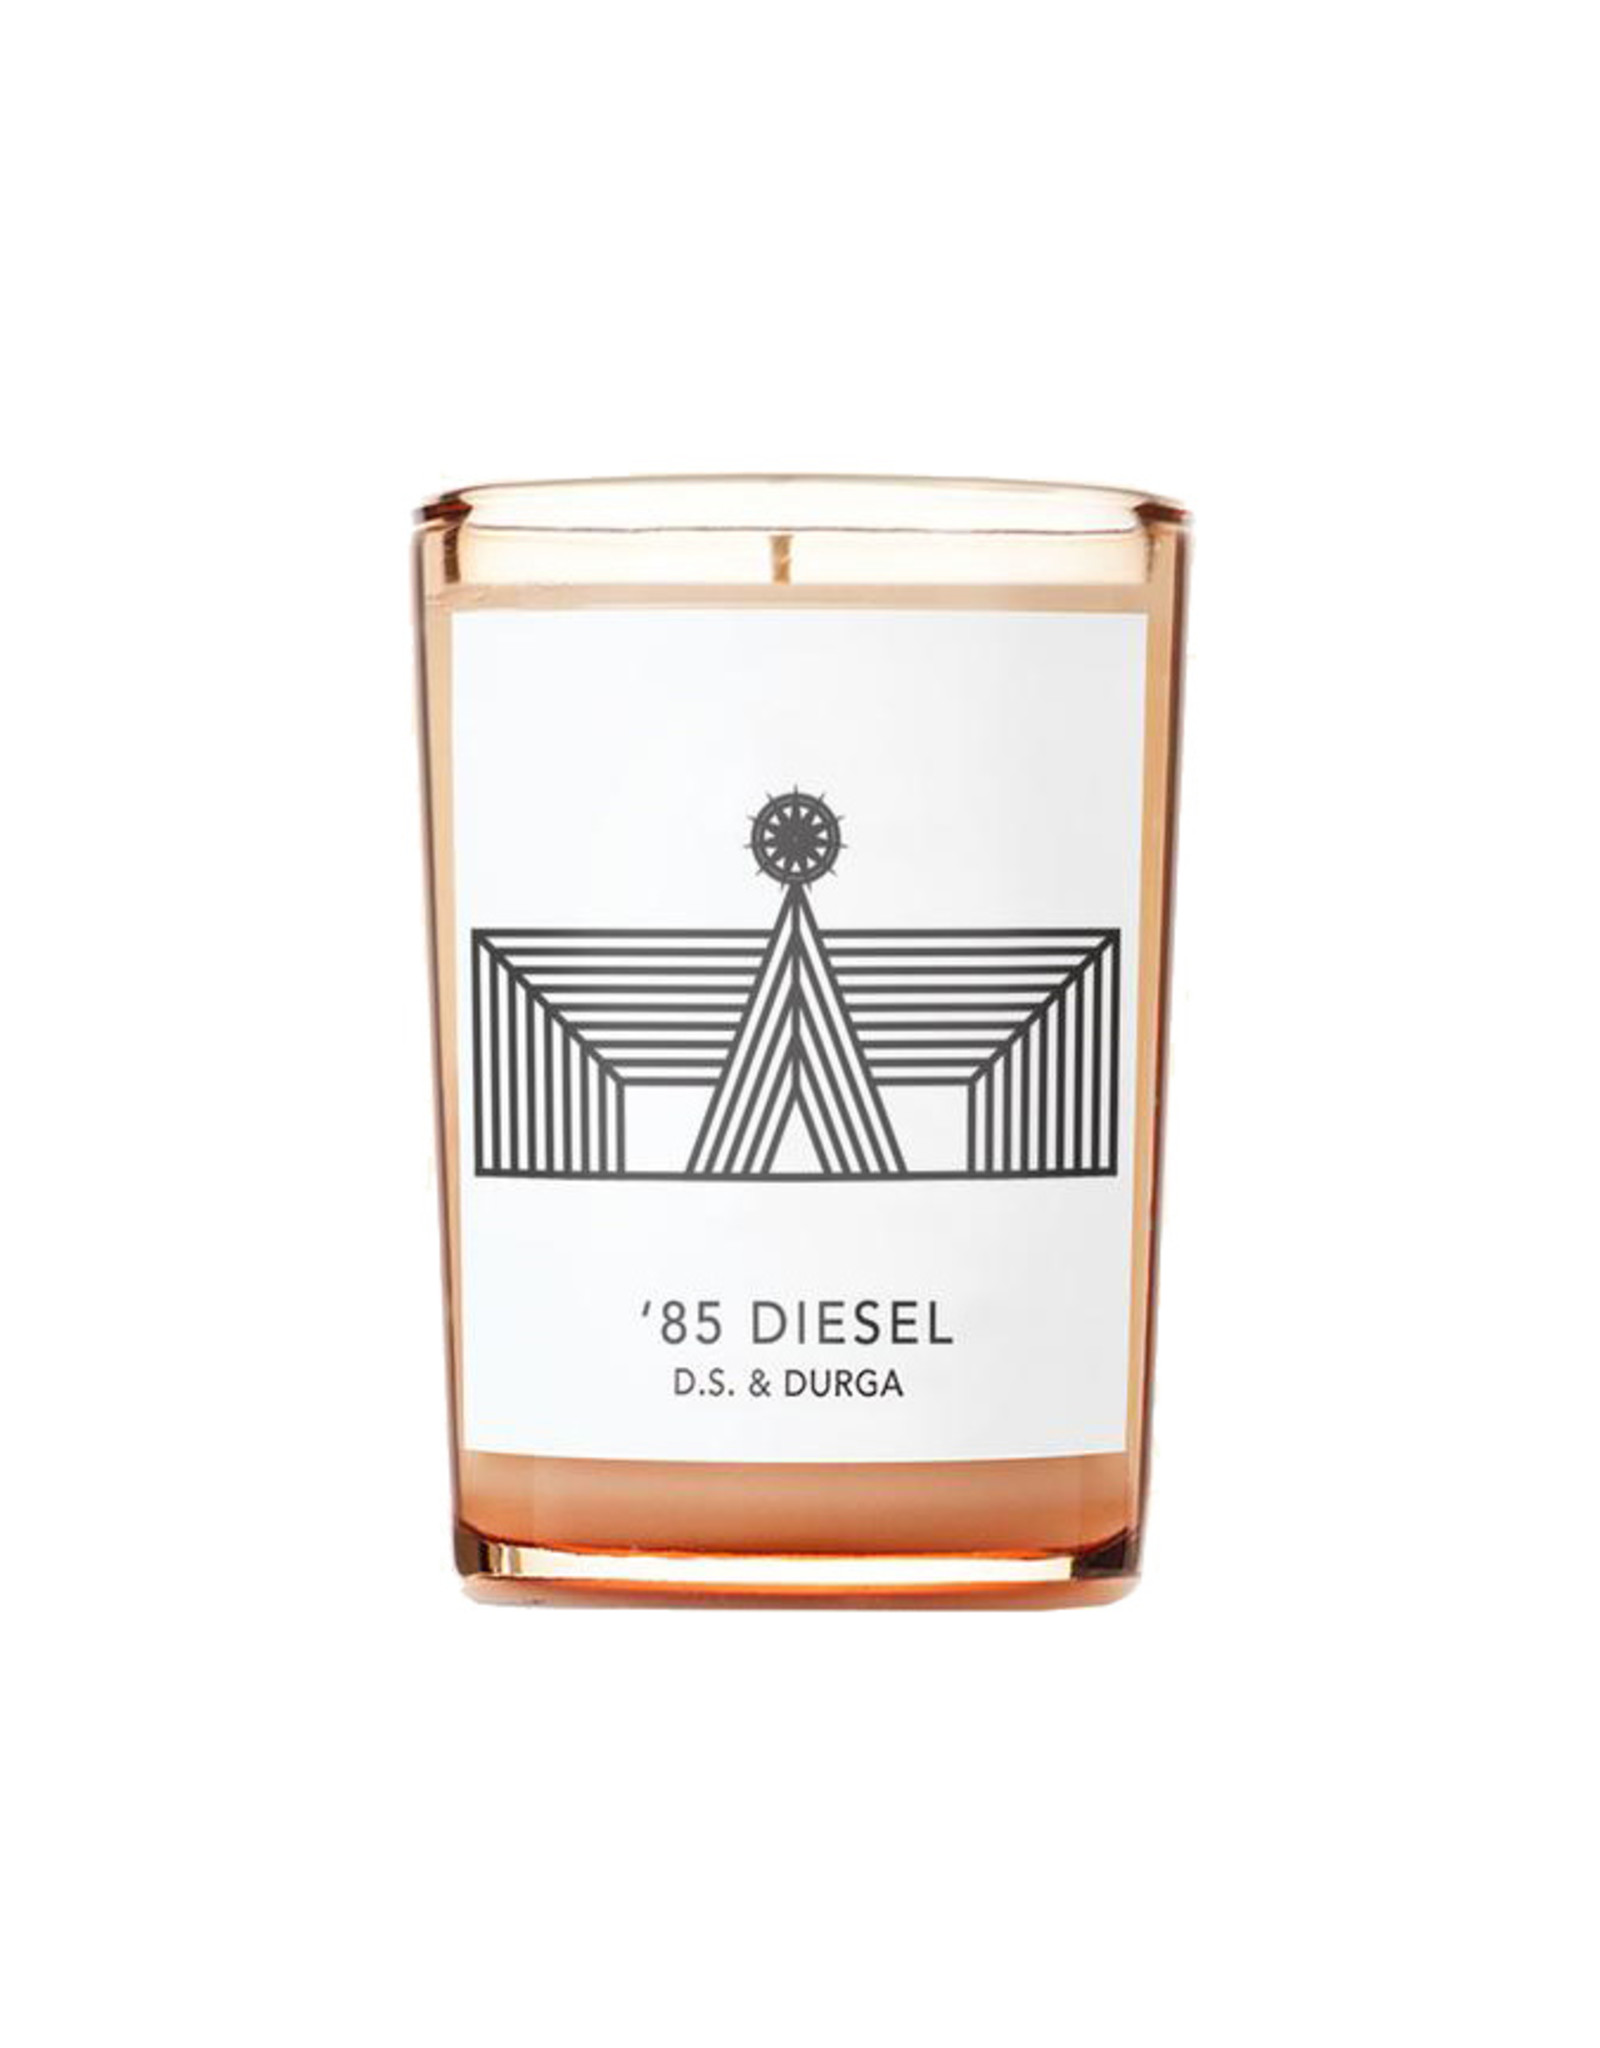 D.S. & DURGA '85 Diesel - Candle - 7oz.